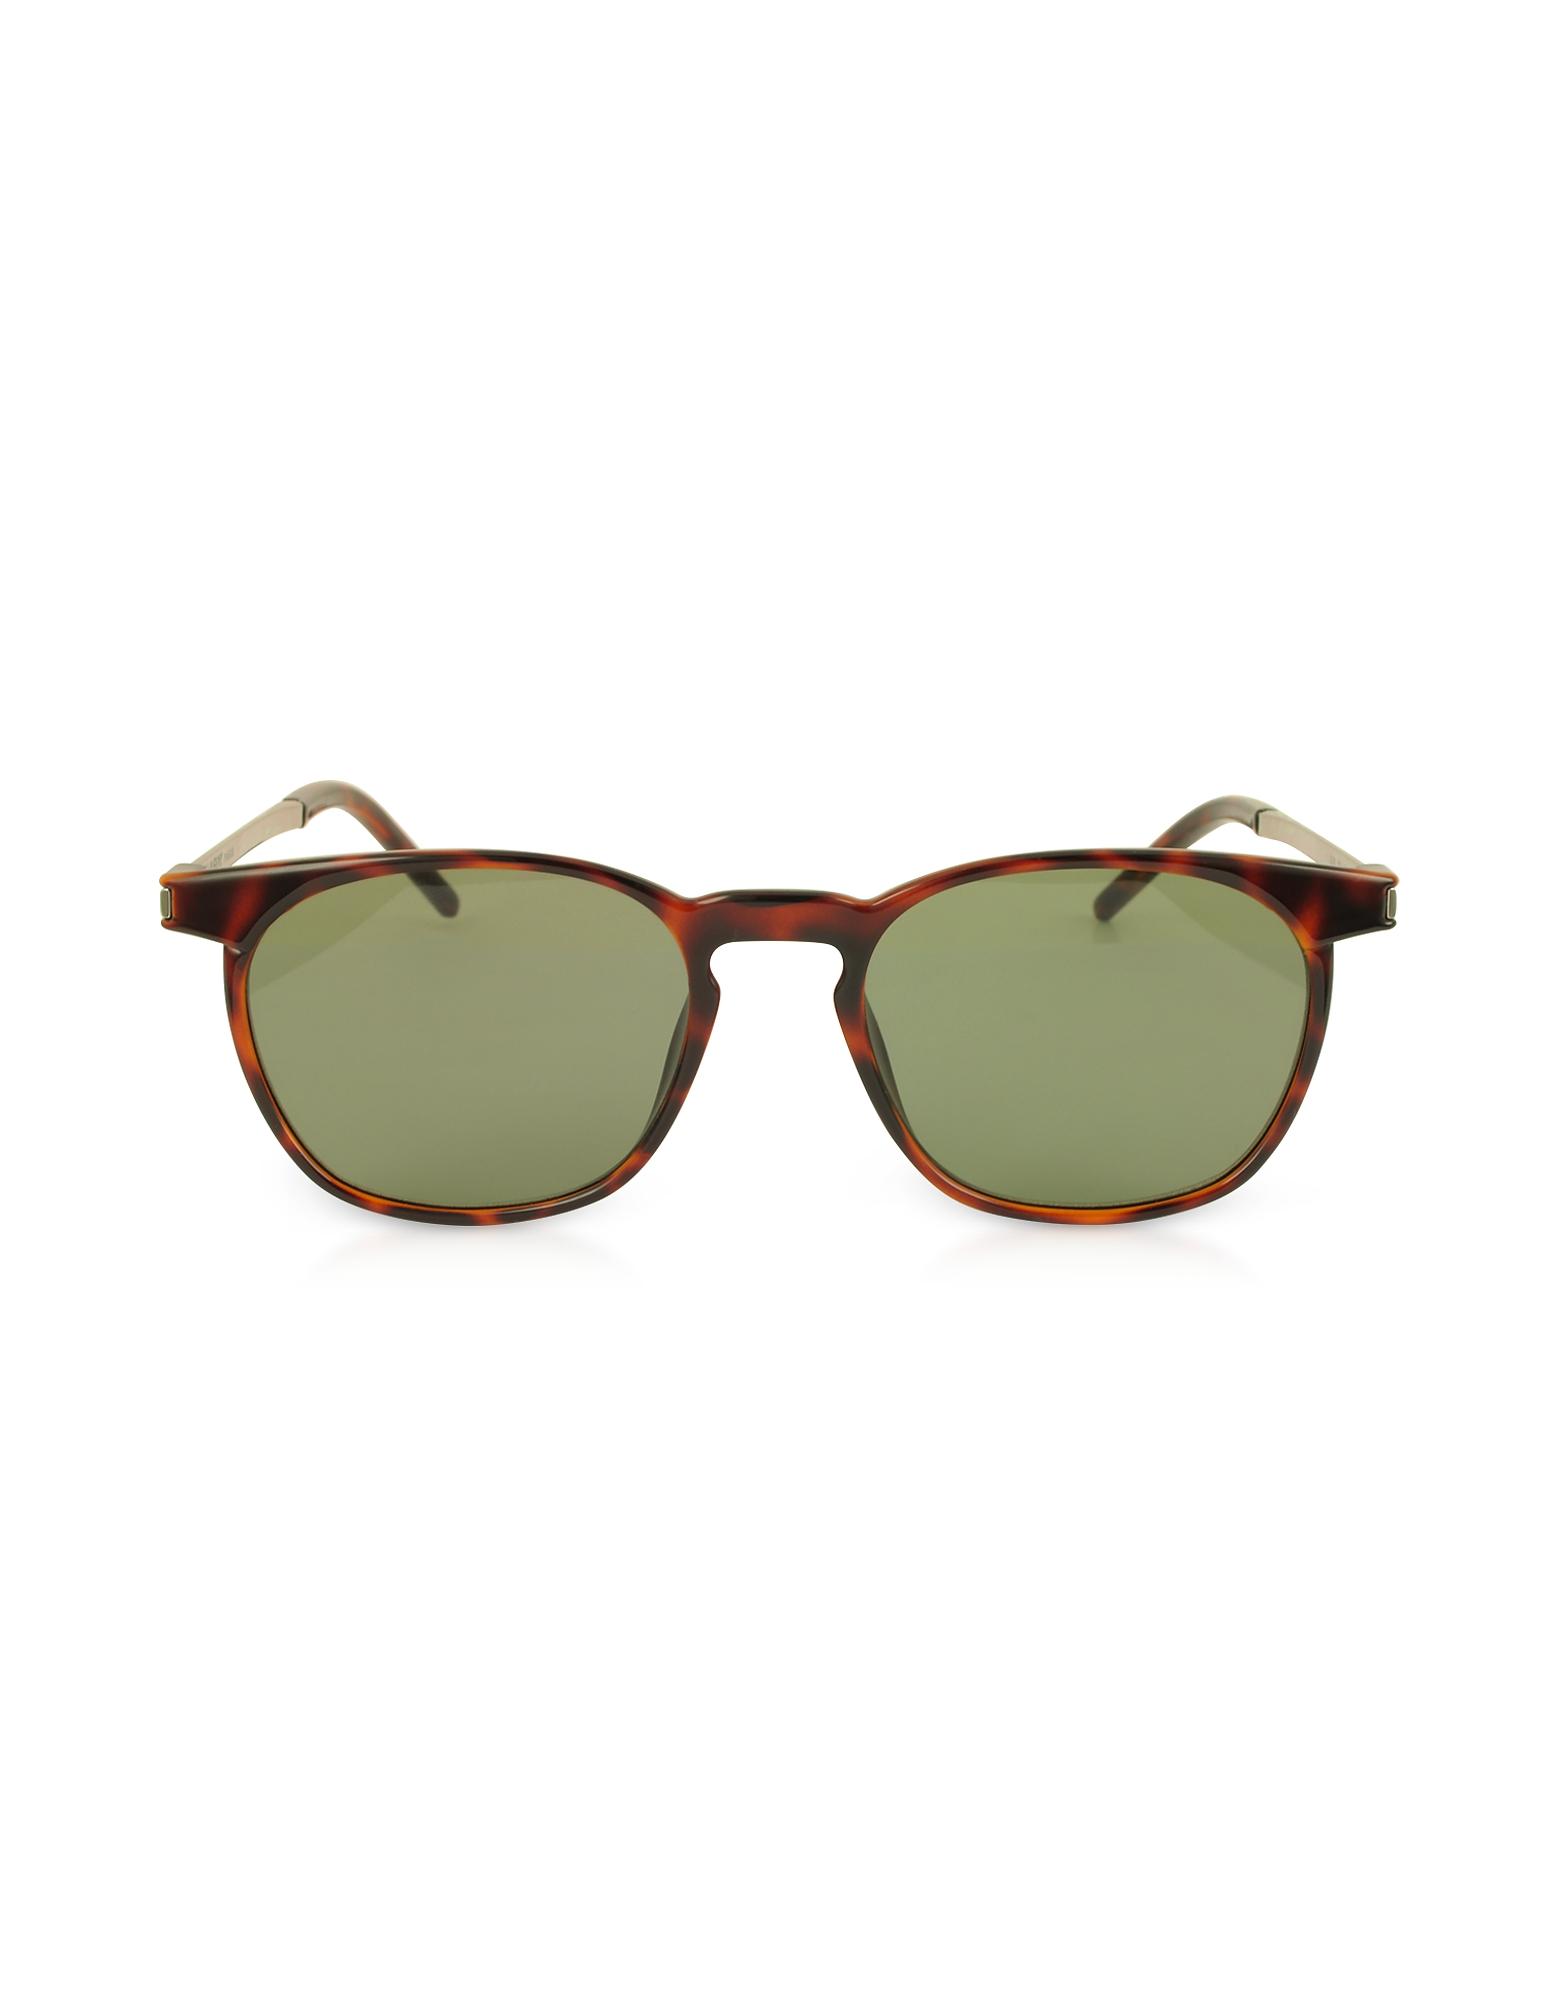 Saint Laurent Designer Sunglasses, SL 240 Acetate and Metal Squared Men's Sunglasses